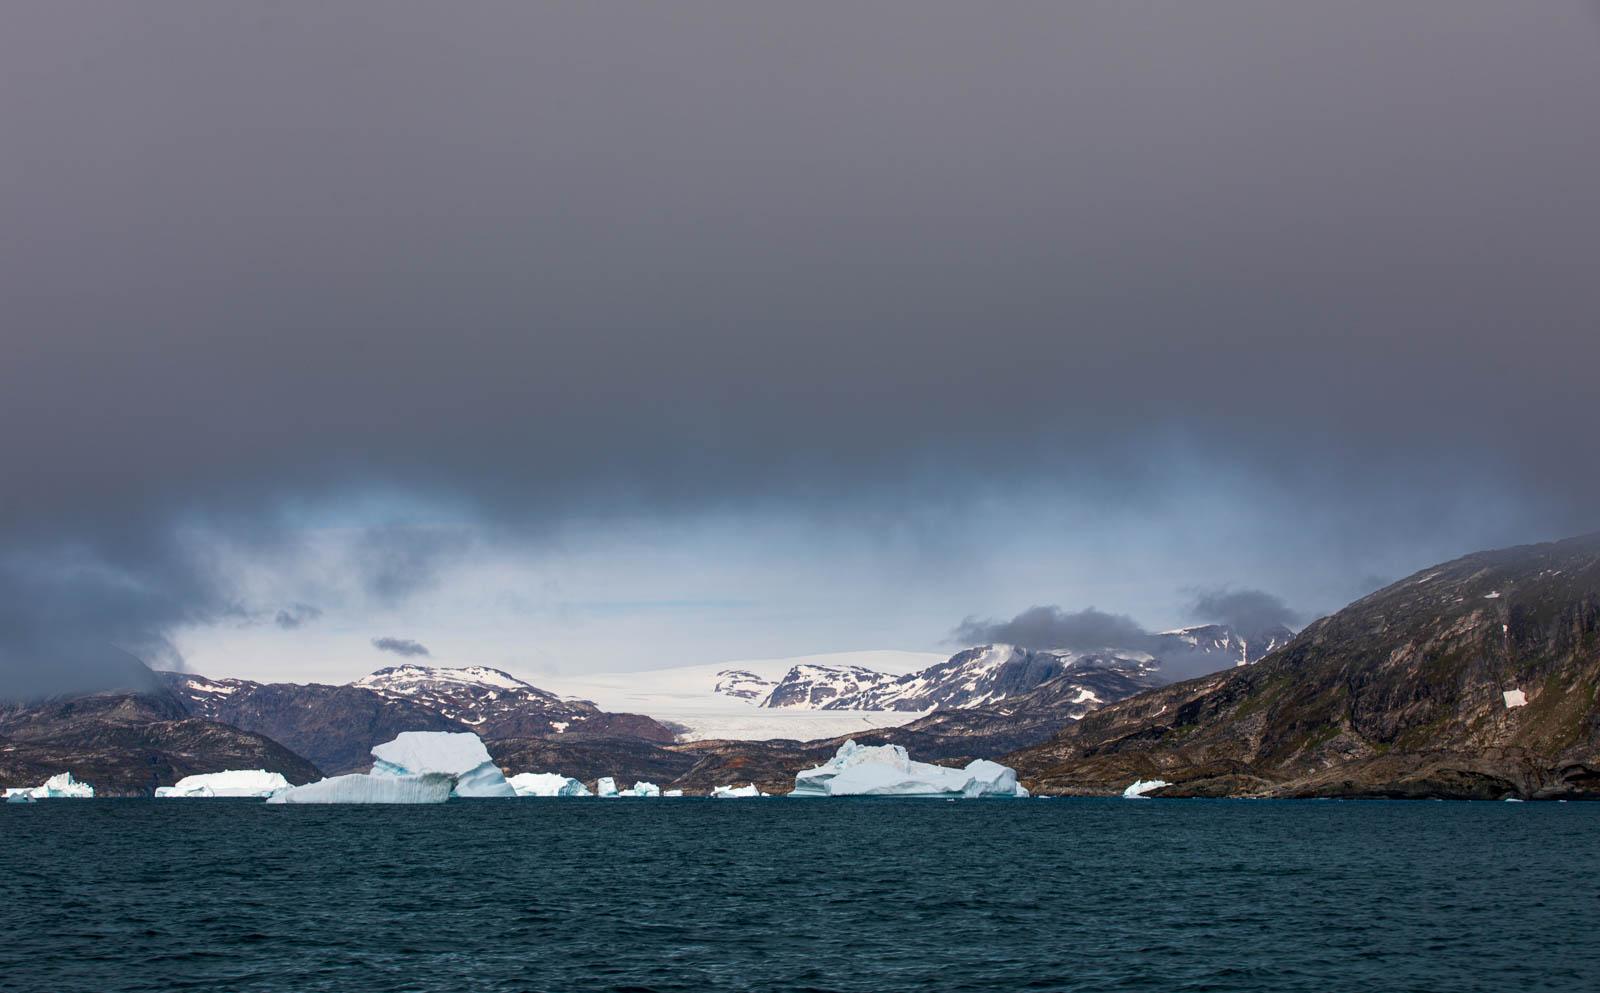 Grönland, Ostgrönland, Eisberg, Icecap, Inlandseis, Eisschild